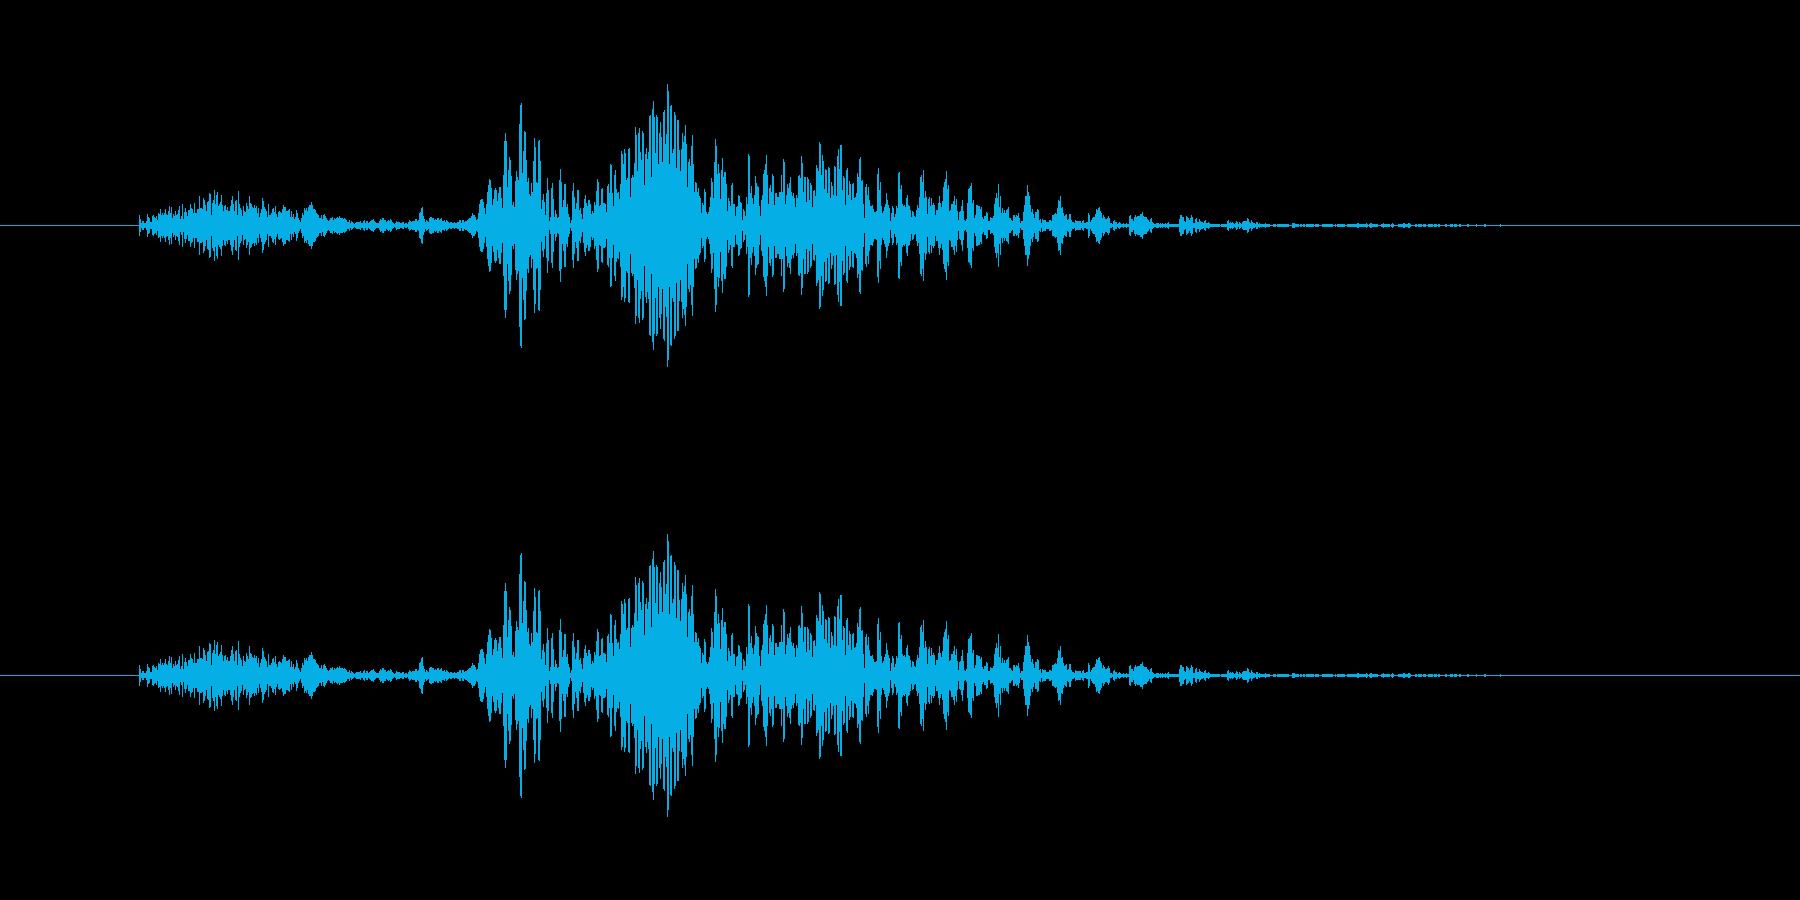 男声「とあっ、たあっ」格ゲー、掛け声の再生済みの波形